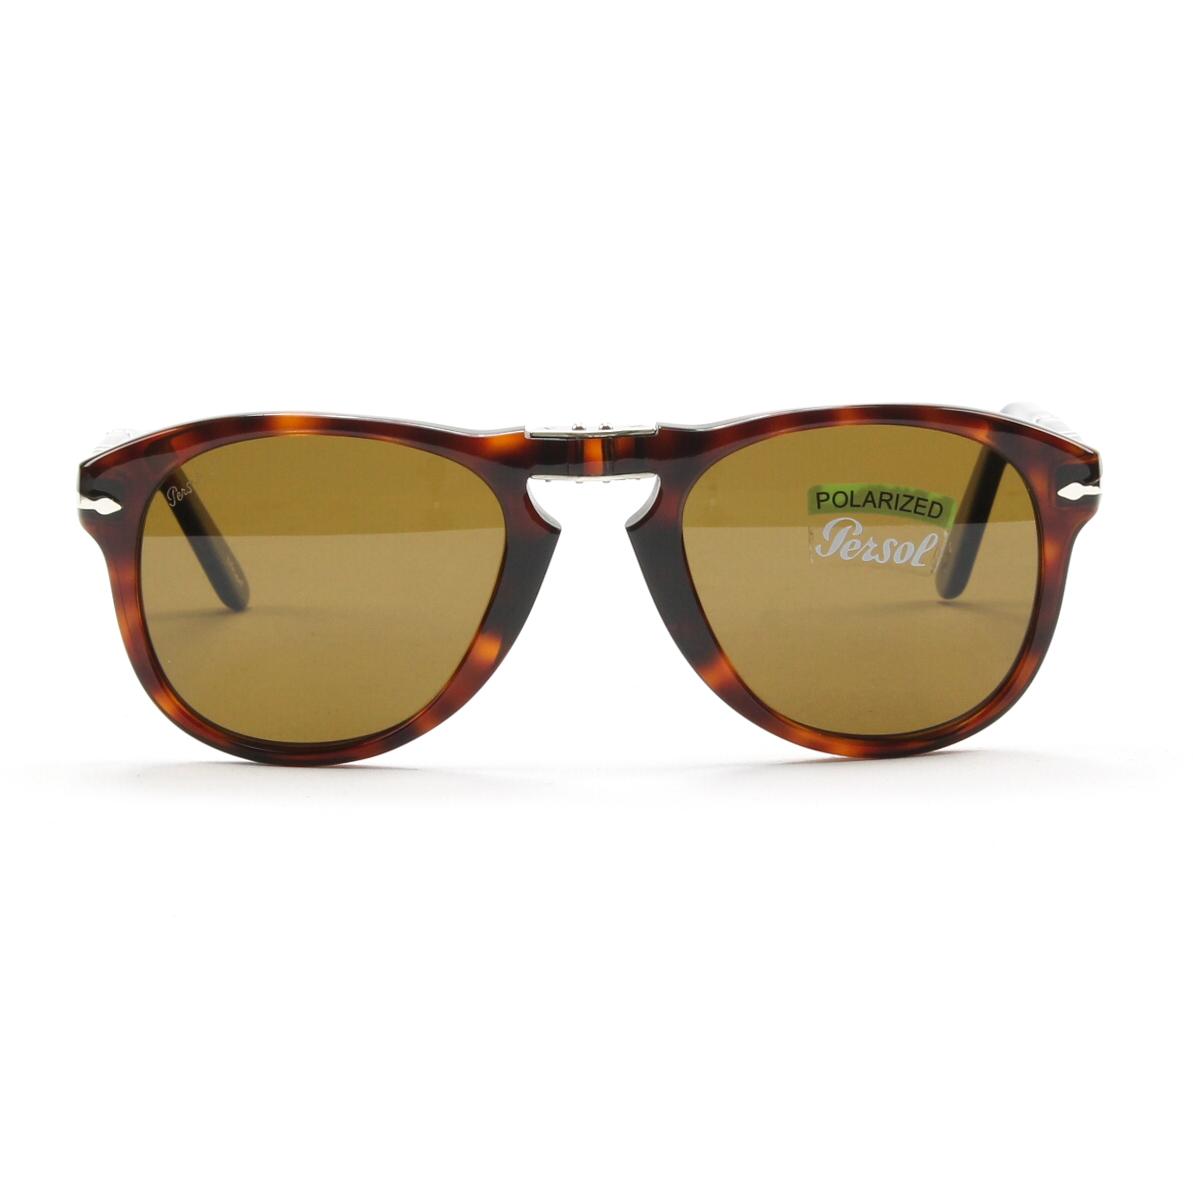 3ecd634de403 Persol 714 Folding Glasses Case